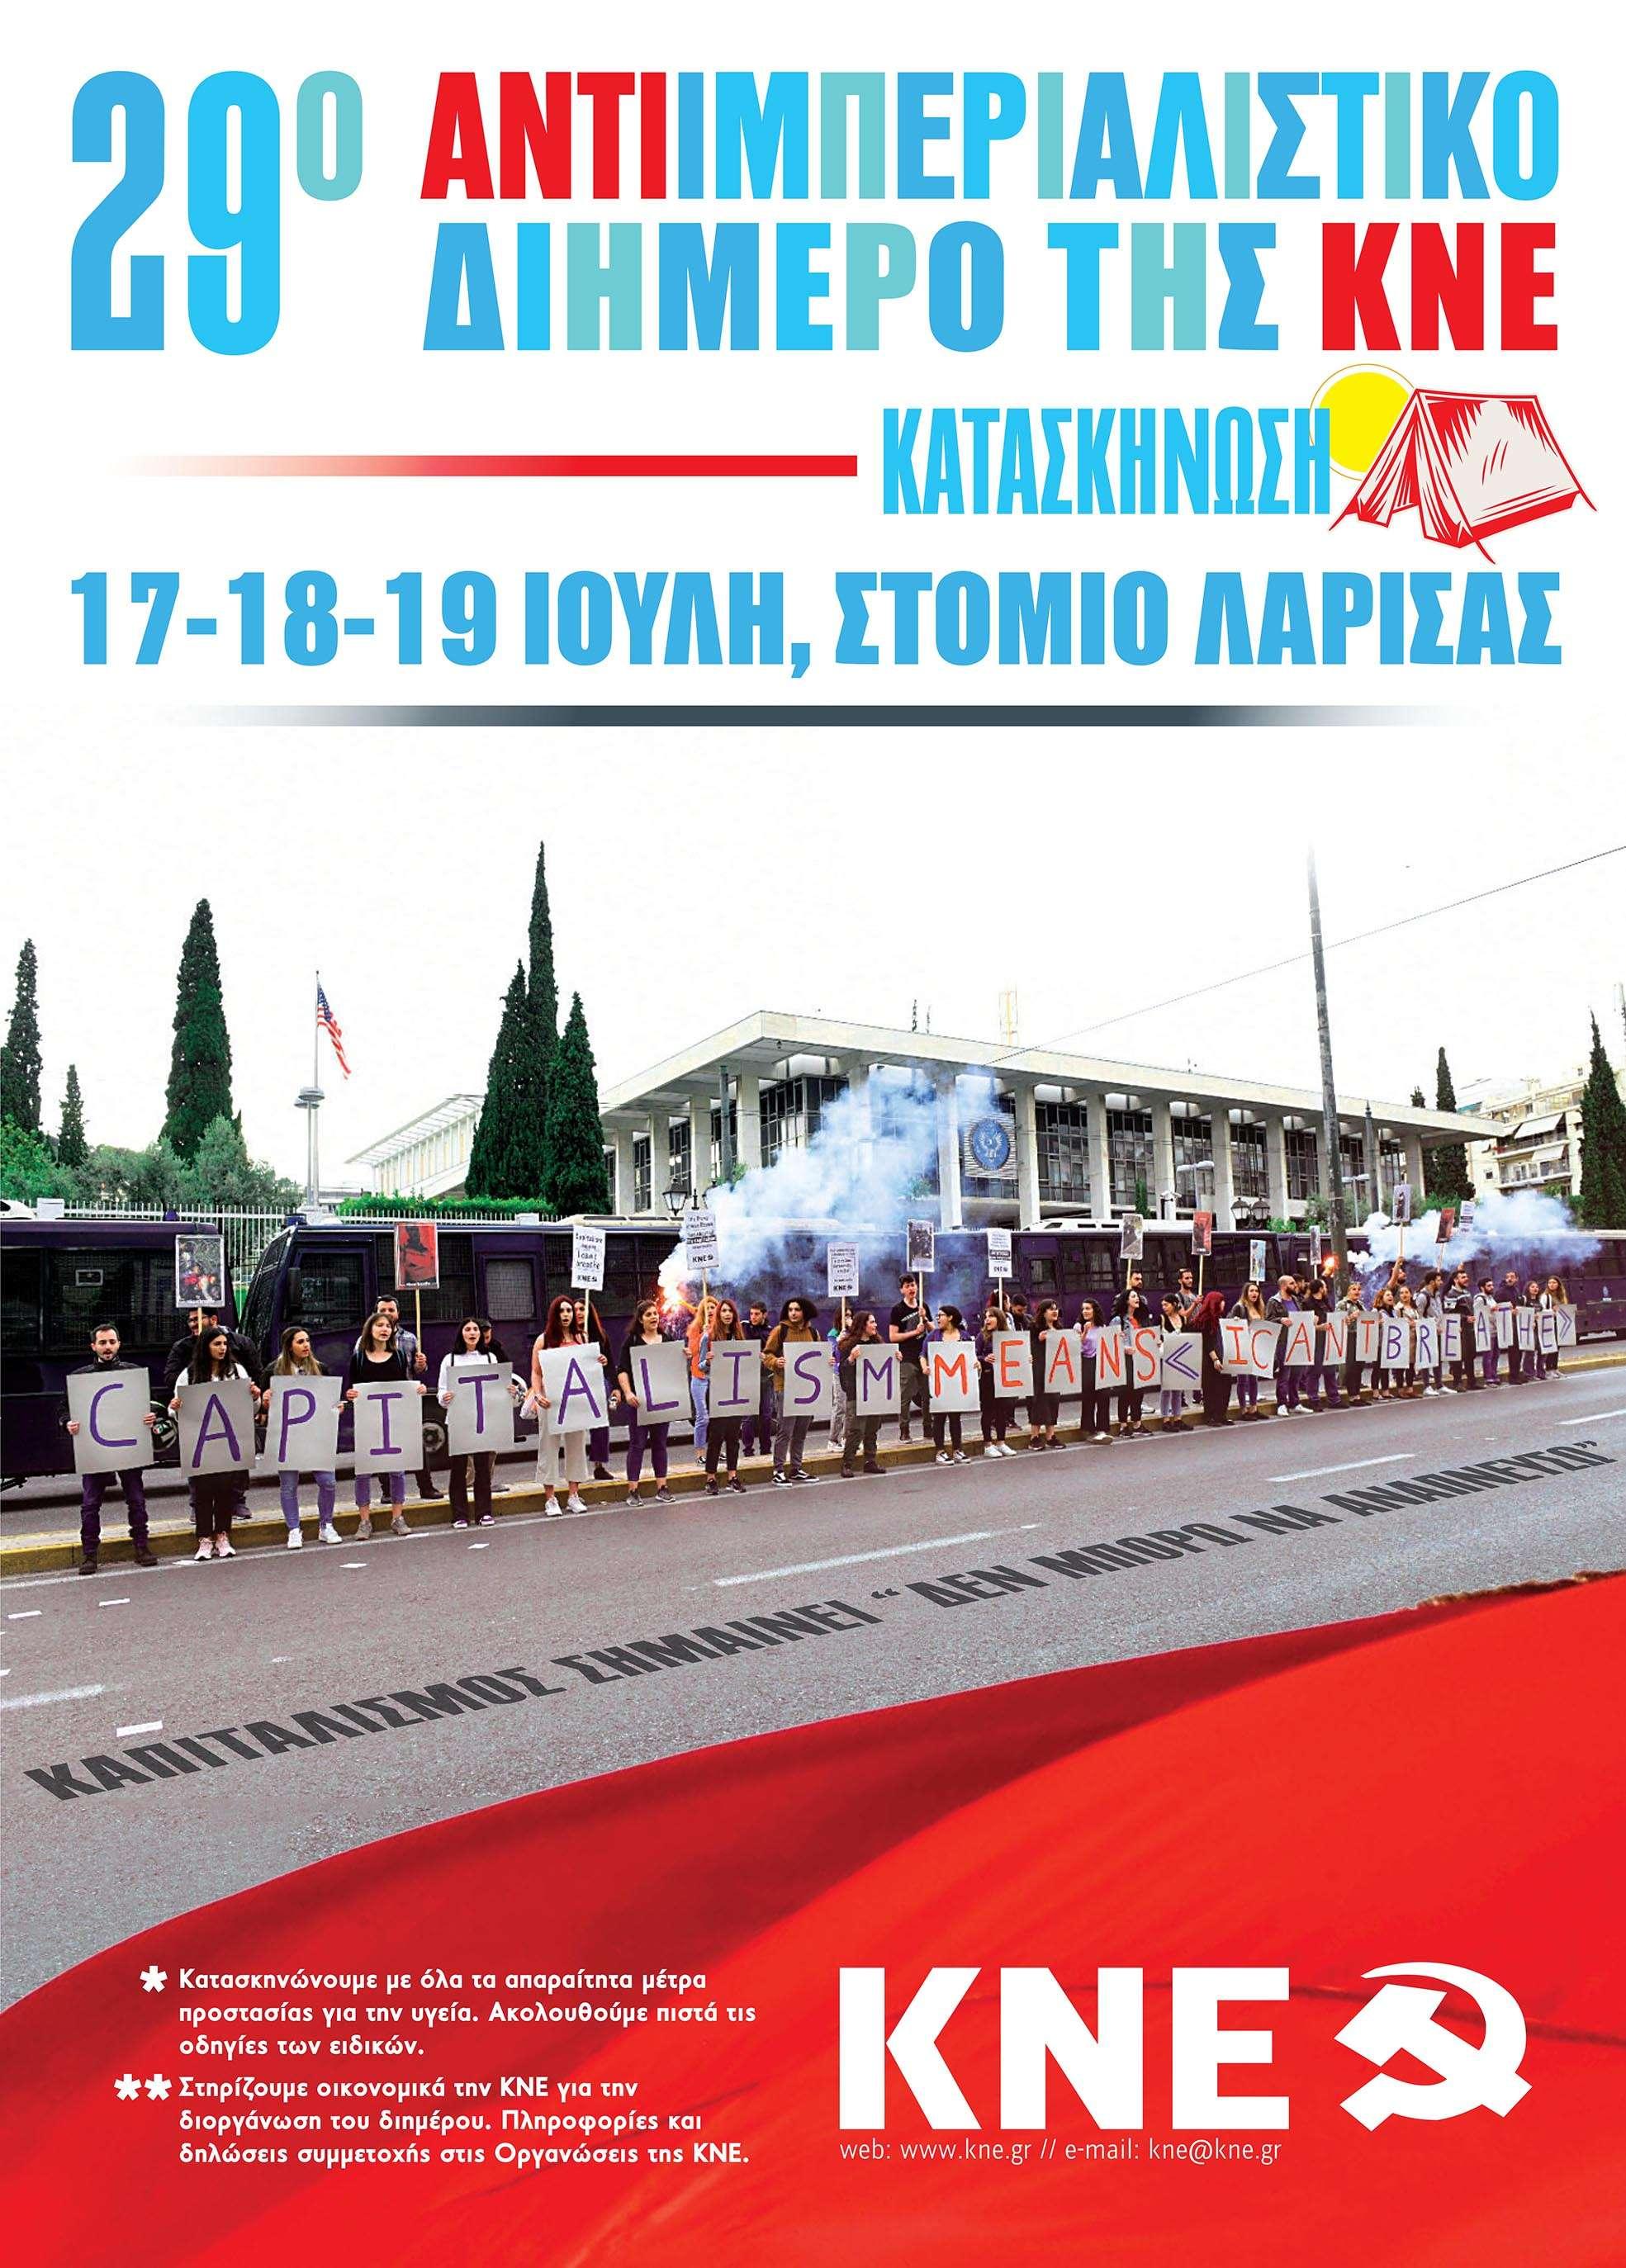 29ο Αντιμπεριαλιστικό 2ήμερο ΚΝΕ Poster